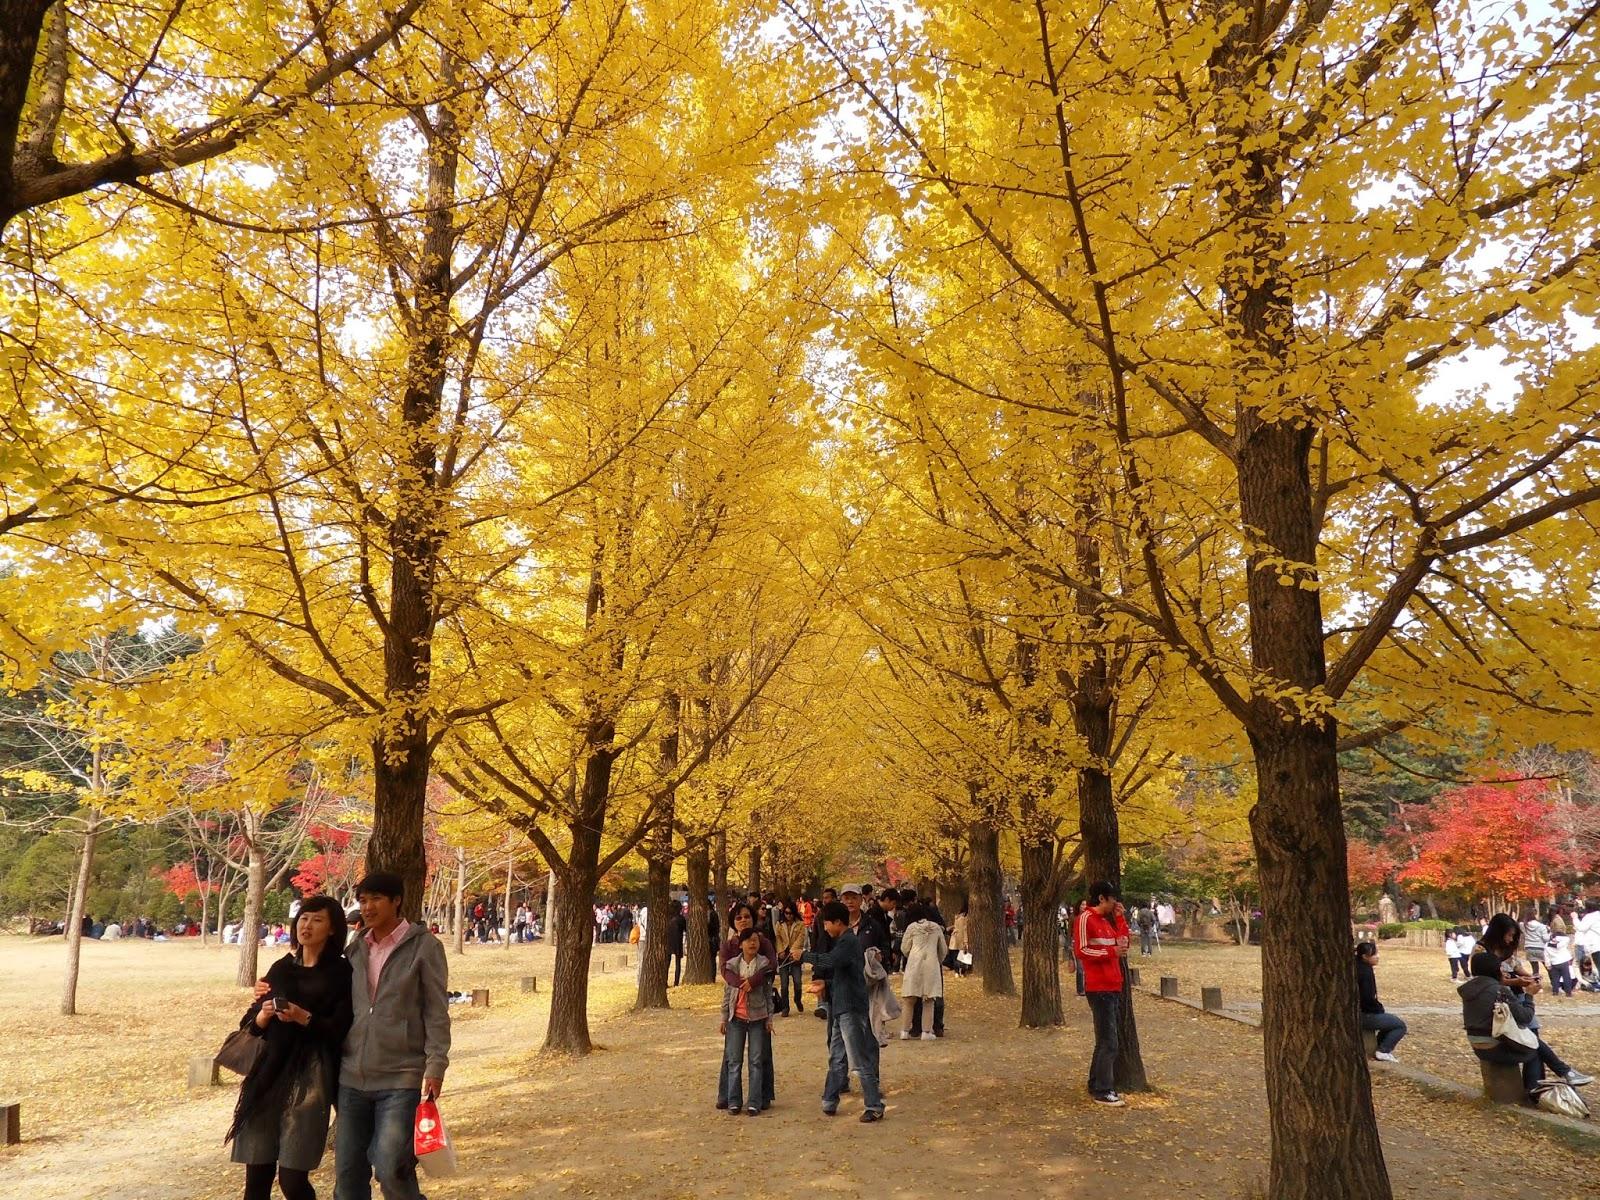 Daftar 6 Tempat Wisata Terpopuler di Korea Selatan ...